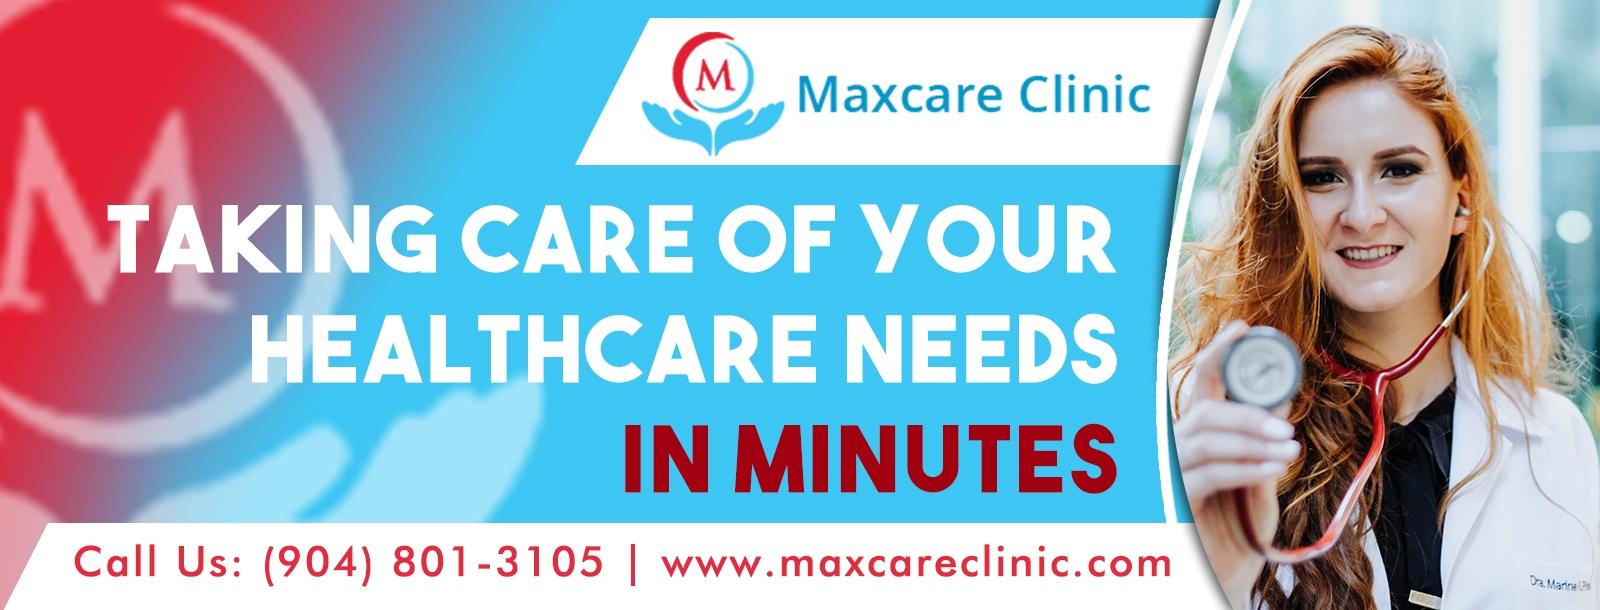 MaxcareClinic (@maxcareclinic) Cover Image